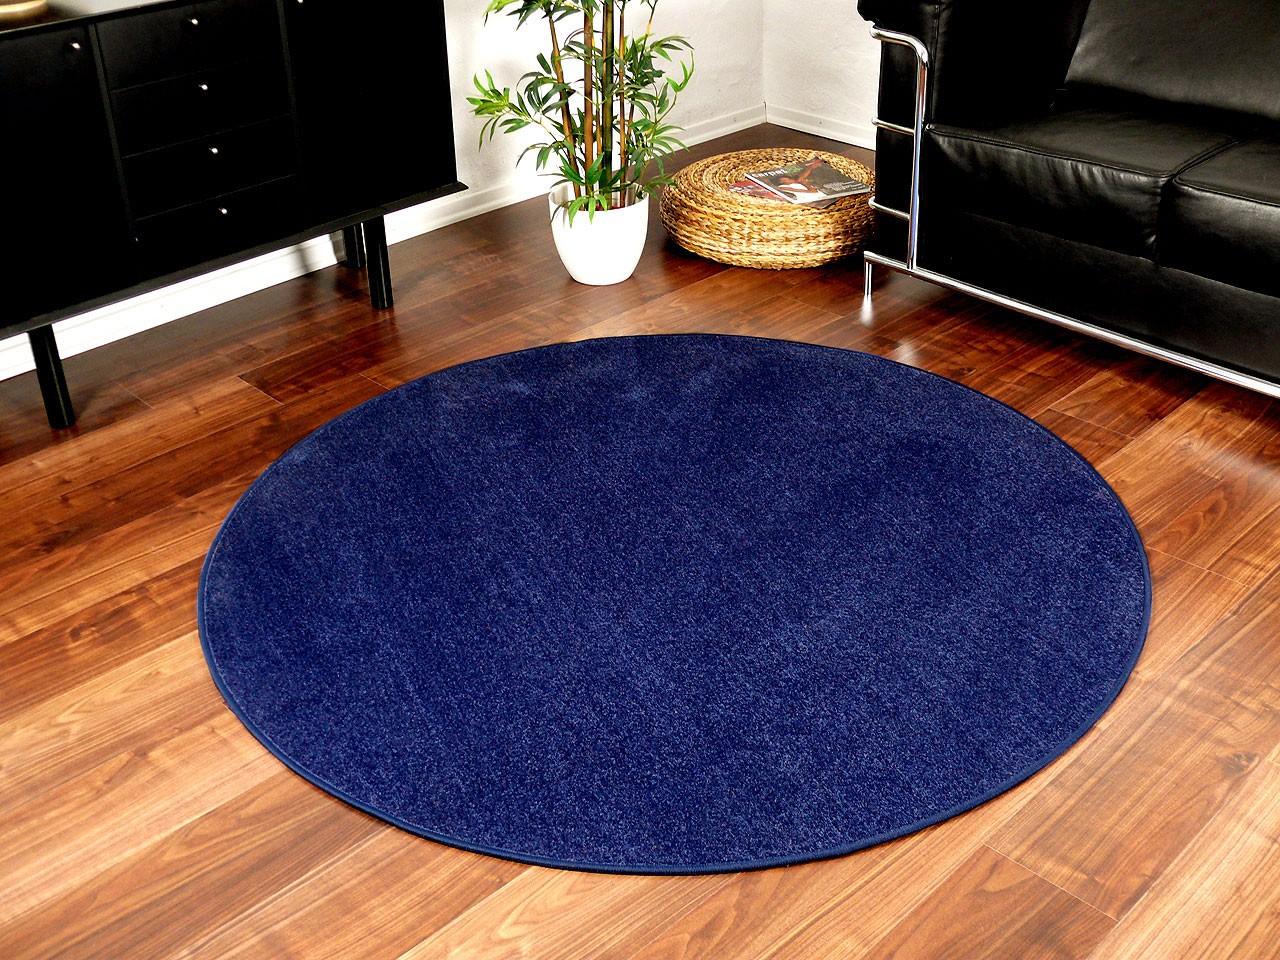 teppich rund klein finest with teppich rund klein best. Black Bedroom Furniture Sets. Home Design Ideas